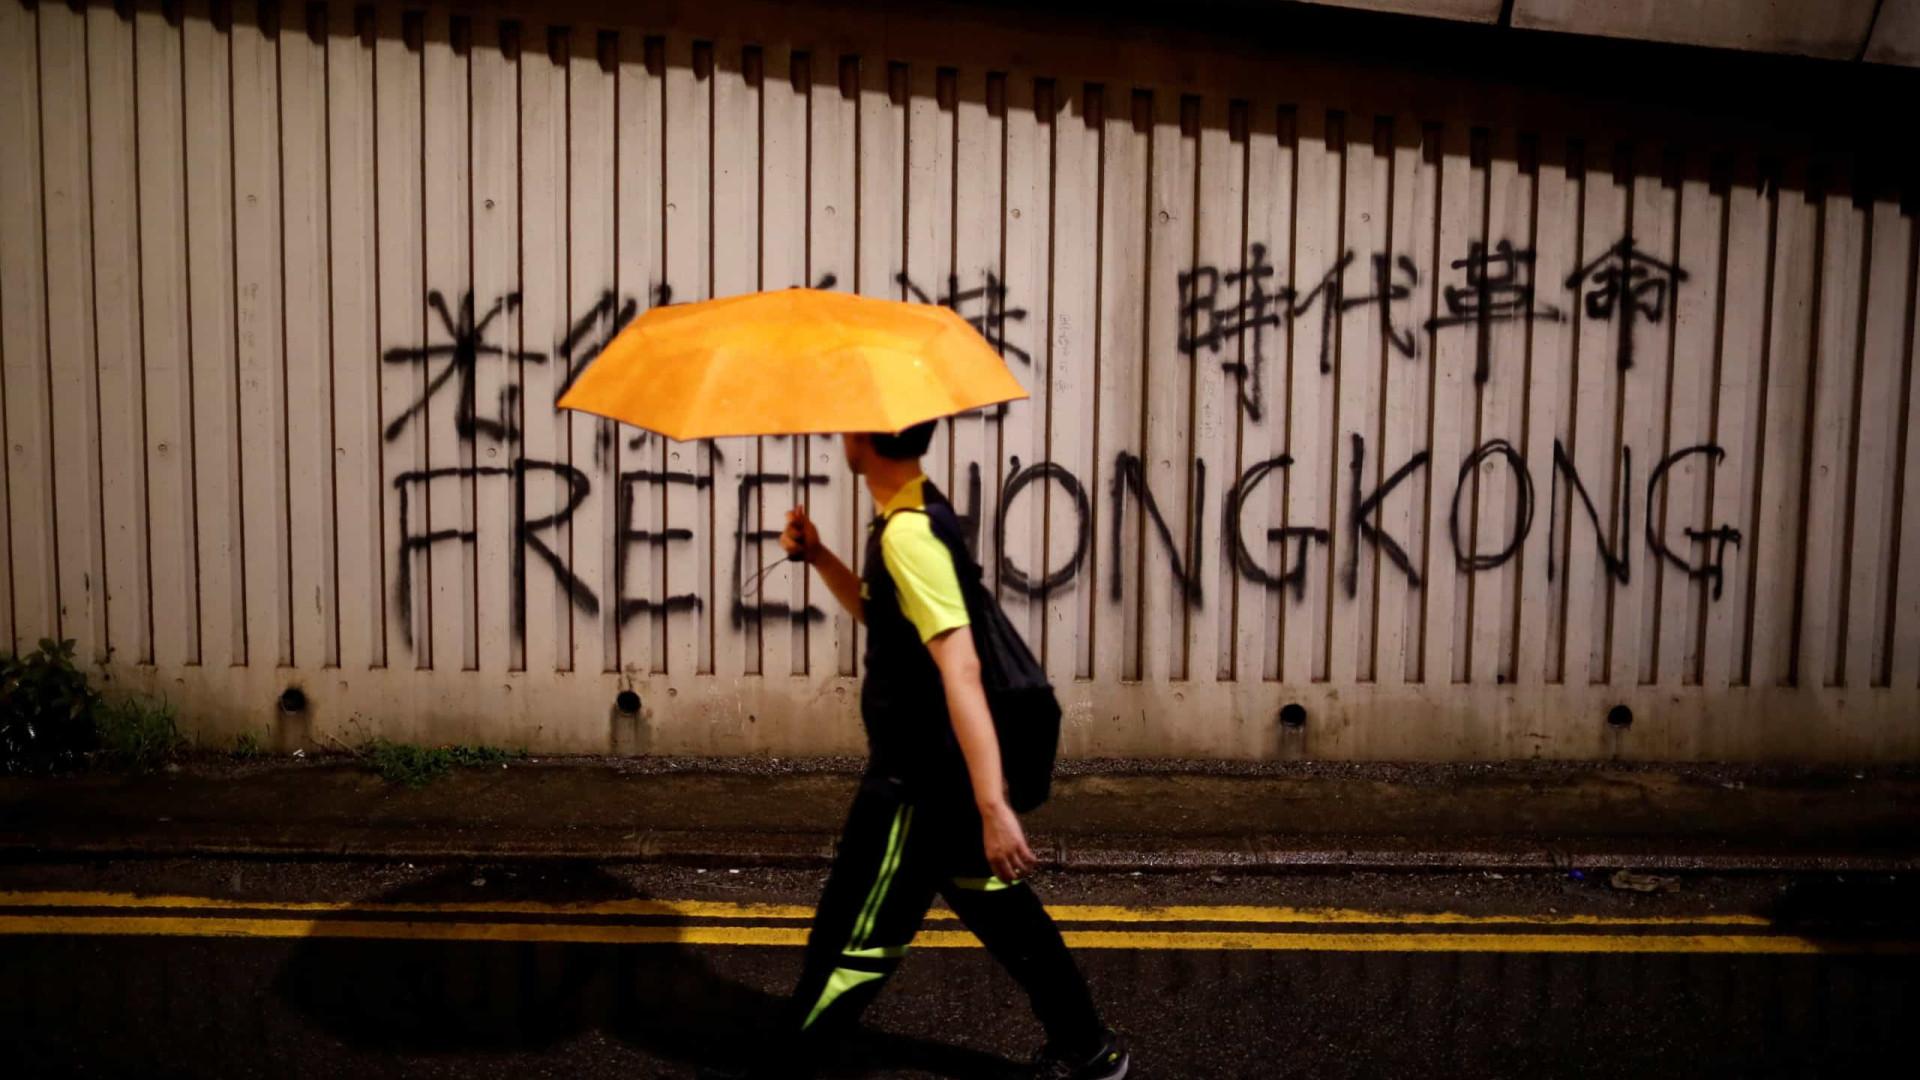 O quotidiano em Hong Kong, a cidade do protesto